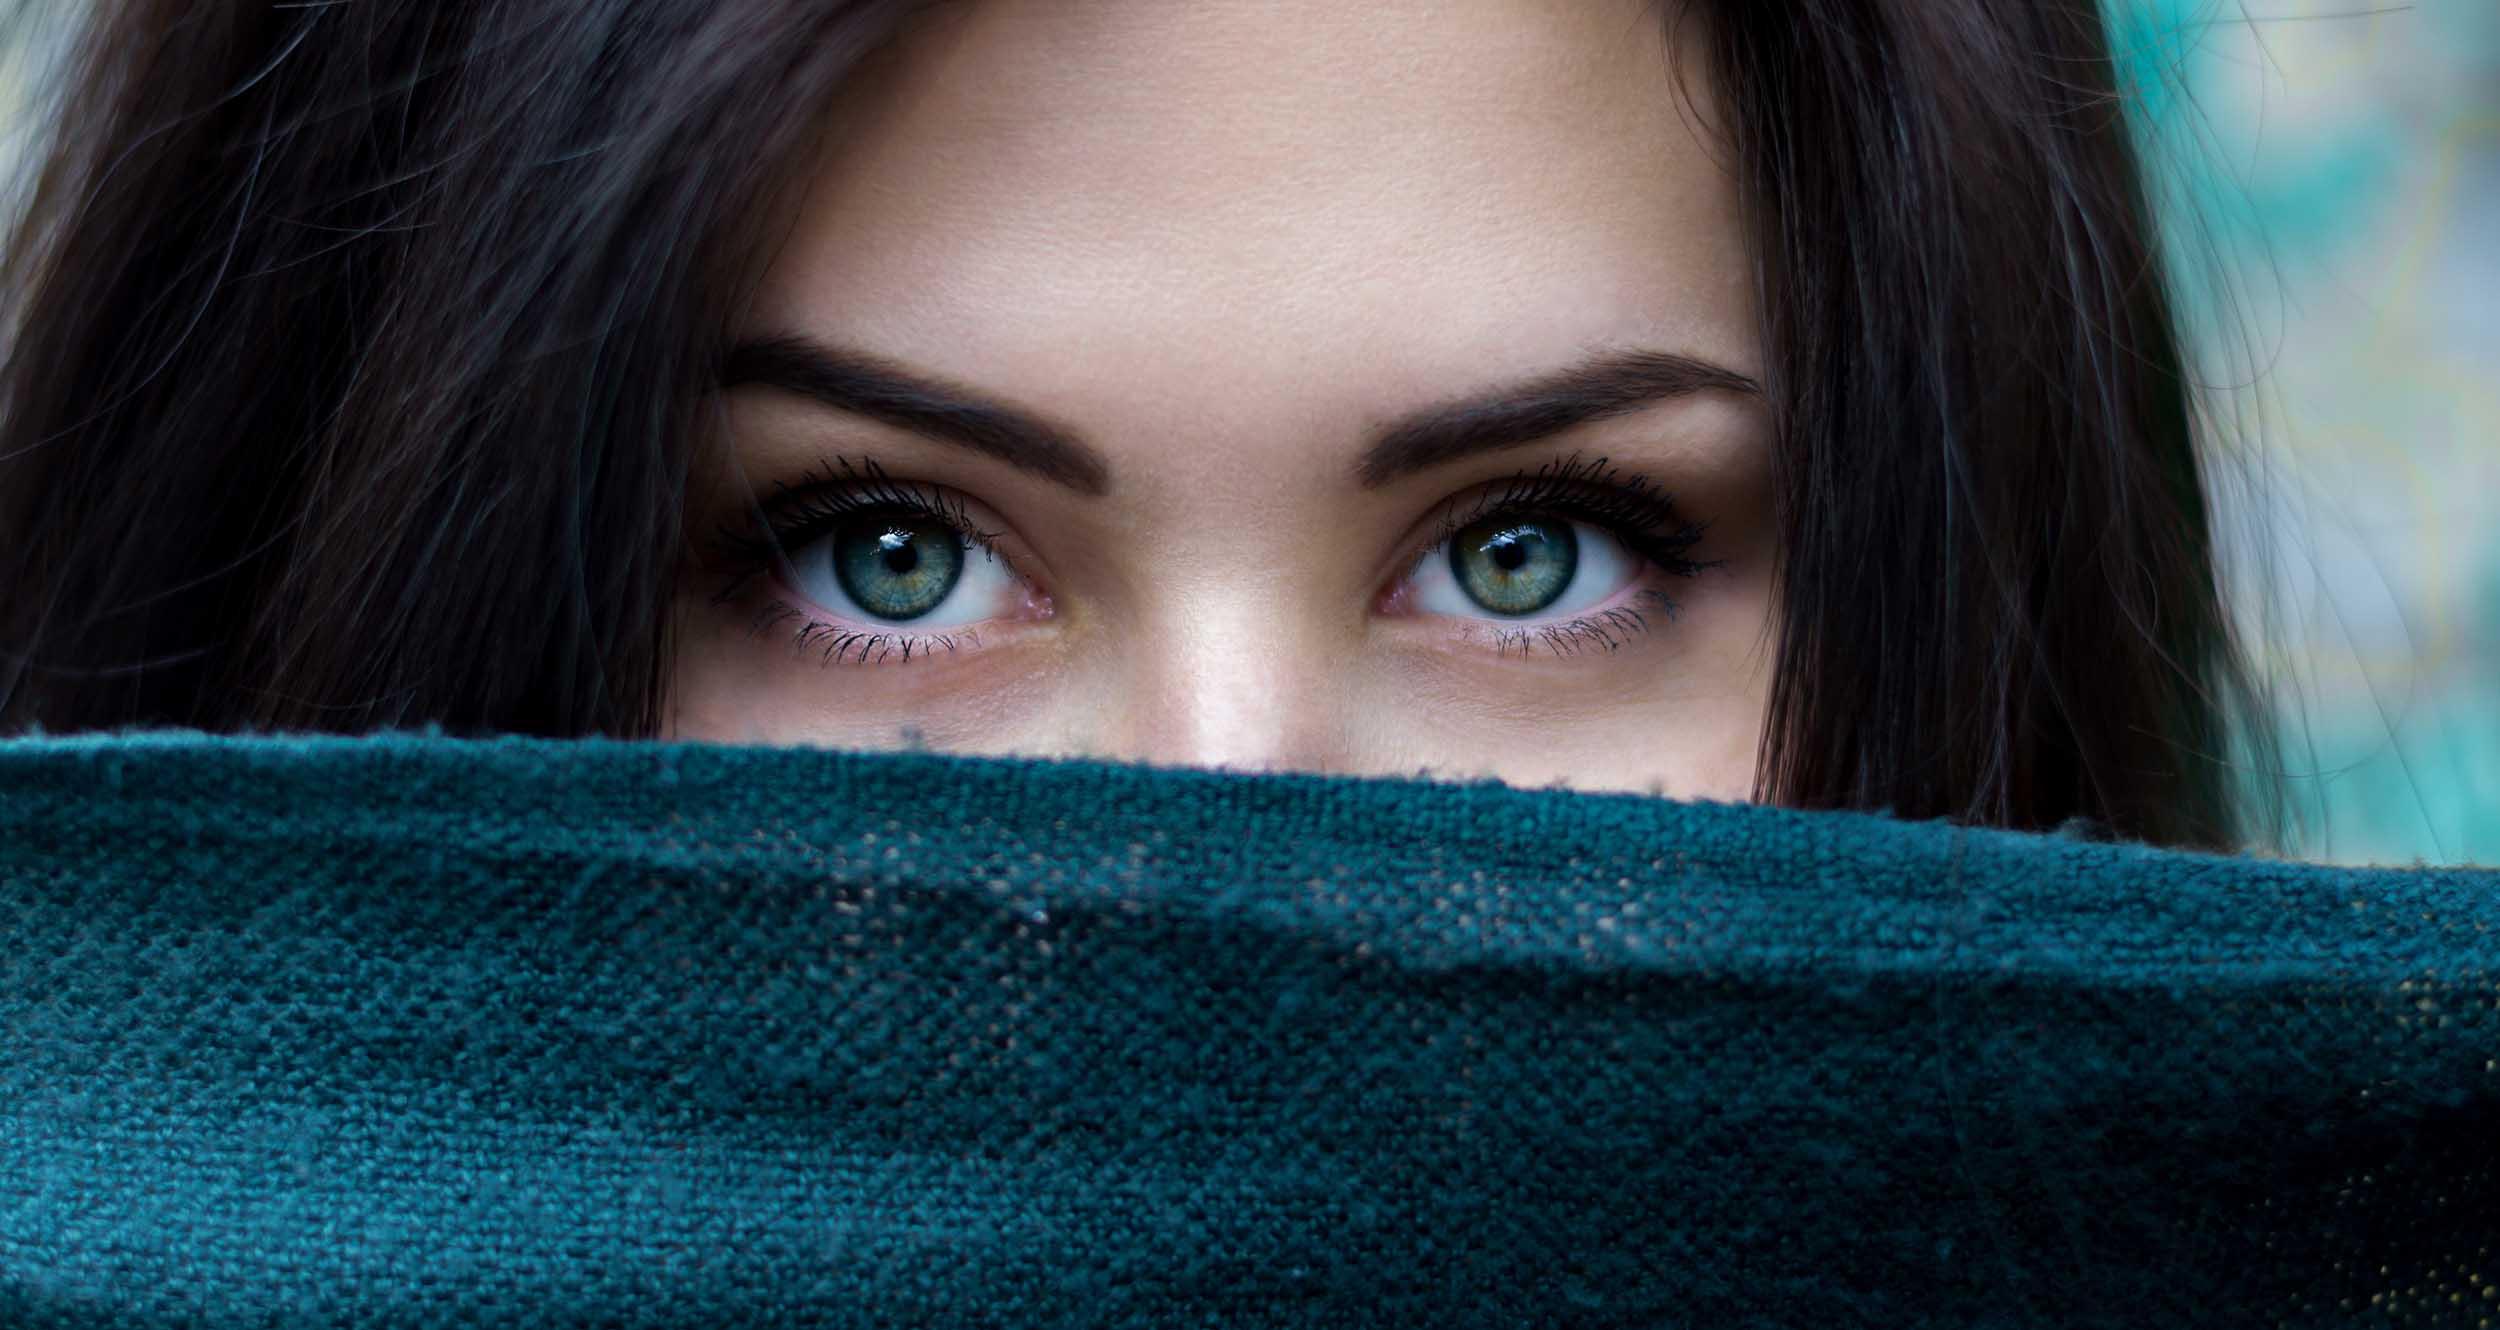 2596ed36 6 misforståelser rundt kontaktlinser